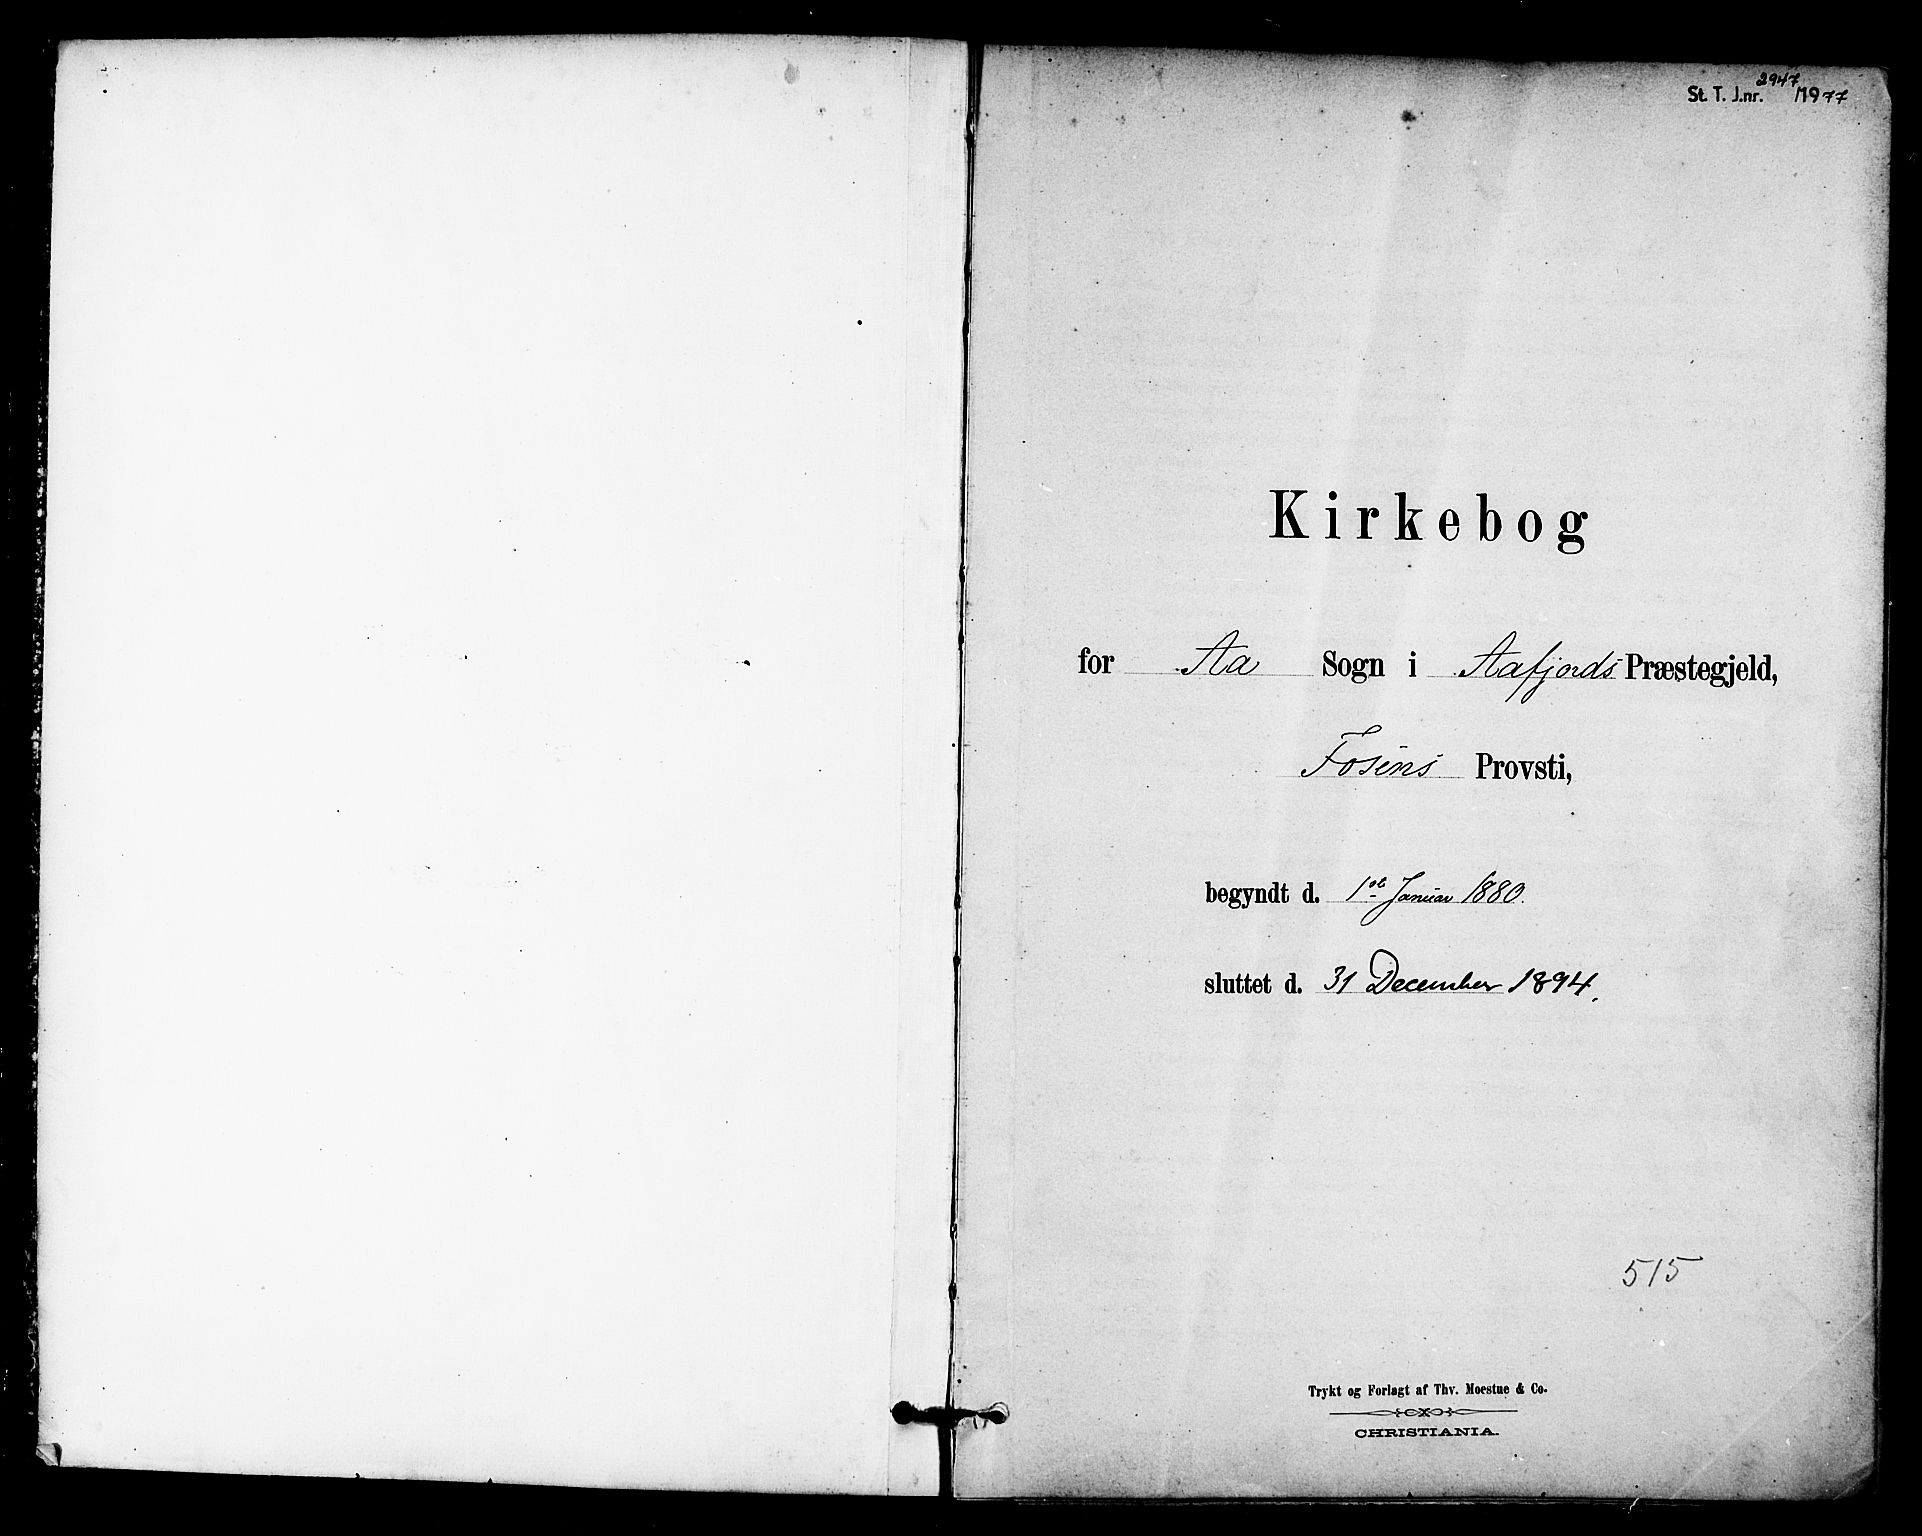 SAT, Ministerialprotokoller, klokkerbøker og fødselsregistre - Sør-Trøndelag, 655/L0680: Ministerialbok nr. 655A09, 1880-1894